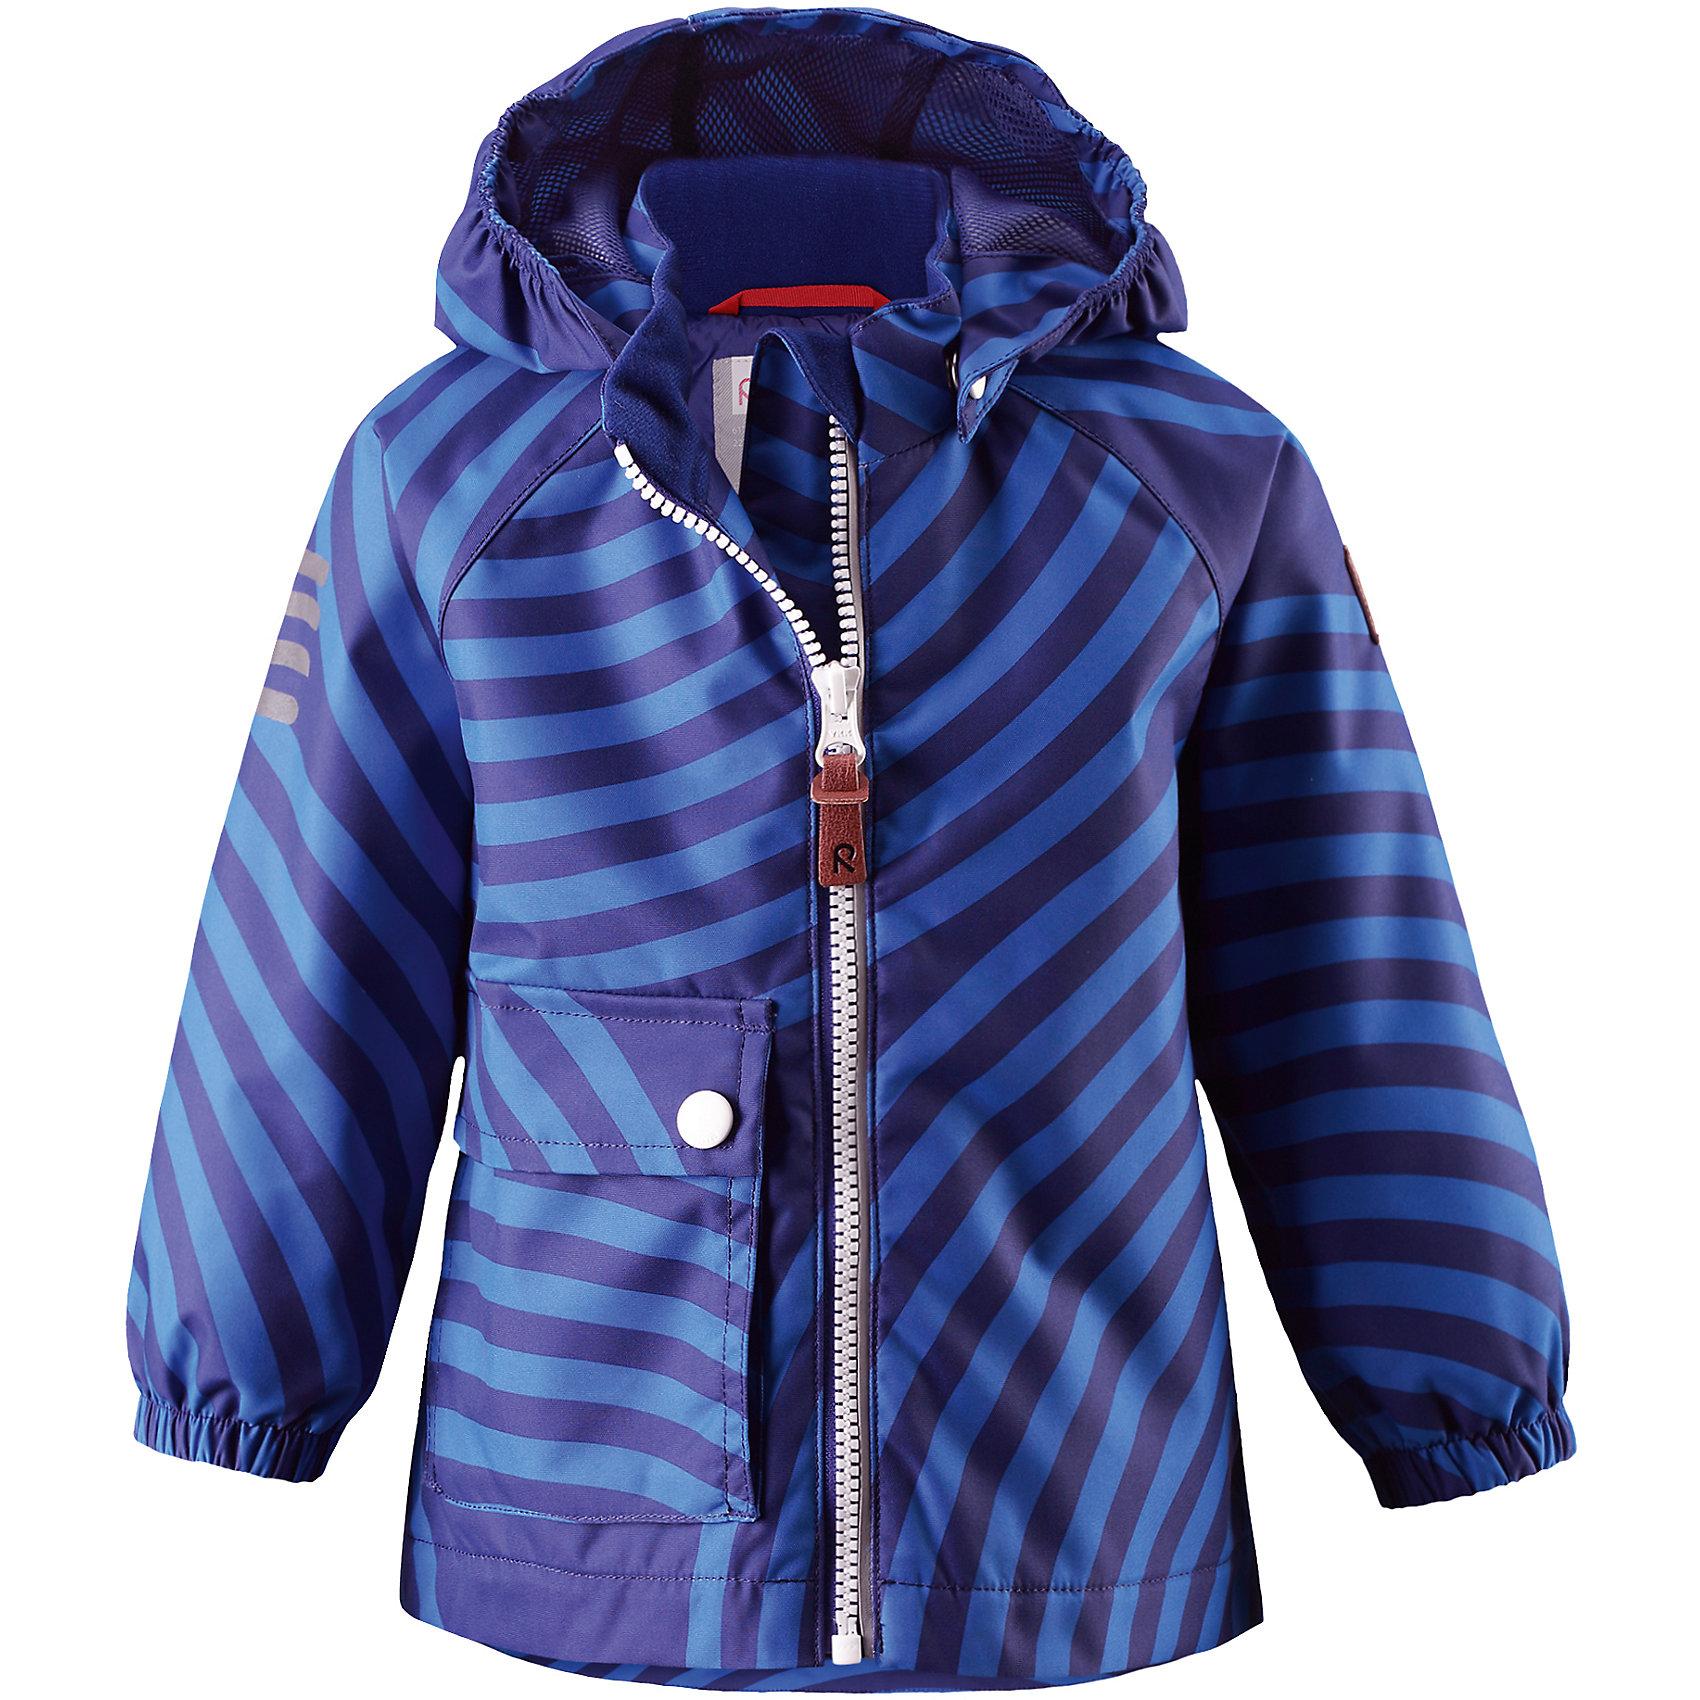 Куртка Leikki для мальчика Reimatec® ReimaВерхняя одежда<br>Характеристики товара:<br><br>• цвет: синий<br>• состав: 100% полиэстер, полиуретановое покрытие<br>• температурный режим: от +5°до +15°С<br>• водонепроницаемость: 8000 мм<br>• воздухопроницаемость: 5000 мм<br>• износостойкость: 30000 циклов (тест Мартиндейла)<br>• без утеплителя<br>• швы проклеены, водонепроницаемы<br>• водо- и ветронепроницаемый, дышащий, грязеотталкивающий материал<br>• гладкая подкладка из полиэстера<br>• эластичные манжеты<br>• карман с клапаном<br>• светоотражающие детали<br>• комфортная посадка<br>• страна производства: Китай<br>• страна бренда: Финляндия<br>• коллекция: весна-лето 2017<br><br>Верхняя одежда для детей может быть модной и комфортной одновременно! Демисезонная куртка поможет обеспечить ребенку комфорт и тепло. Она отлично смотрится с различной одеждой и обувью. Изделие удобно сидит и модно выглядит. Материал - прочный, хорошо подходящий для межсезонья, водо- и ветронепроницаемый, «дышащий». Стильный дизайн разрабатывался специально для детей.<br><br>Одежда и обувь от финского бренда Reima пользуется популярностью во многих странах. Эти изделия стильные, качественные и удобные. Для производства продукции используются только безопасные, проверенные материалы и фурнитура. Порадуйте ребенка модными и красивыми вещами от Reima! <br><br>Куртку для мальчика Reimatec® от финского бренда Reima (Рейма) можно купить в нашем интернет-магазине.<br><br>Ширина мм: 356<br>Глубина мм: 10<br>Высота мм: 245<br>Вес г: 519<br>Цвет: синий<br>Возраст от месяцев: 18<br>Возраст до месяцев: 24<br>Пол: Мужской<br>Возраст: Детский<br>Размер: 92,74,80,98,86<br>SKU: 5265550